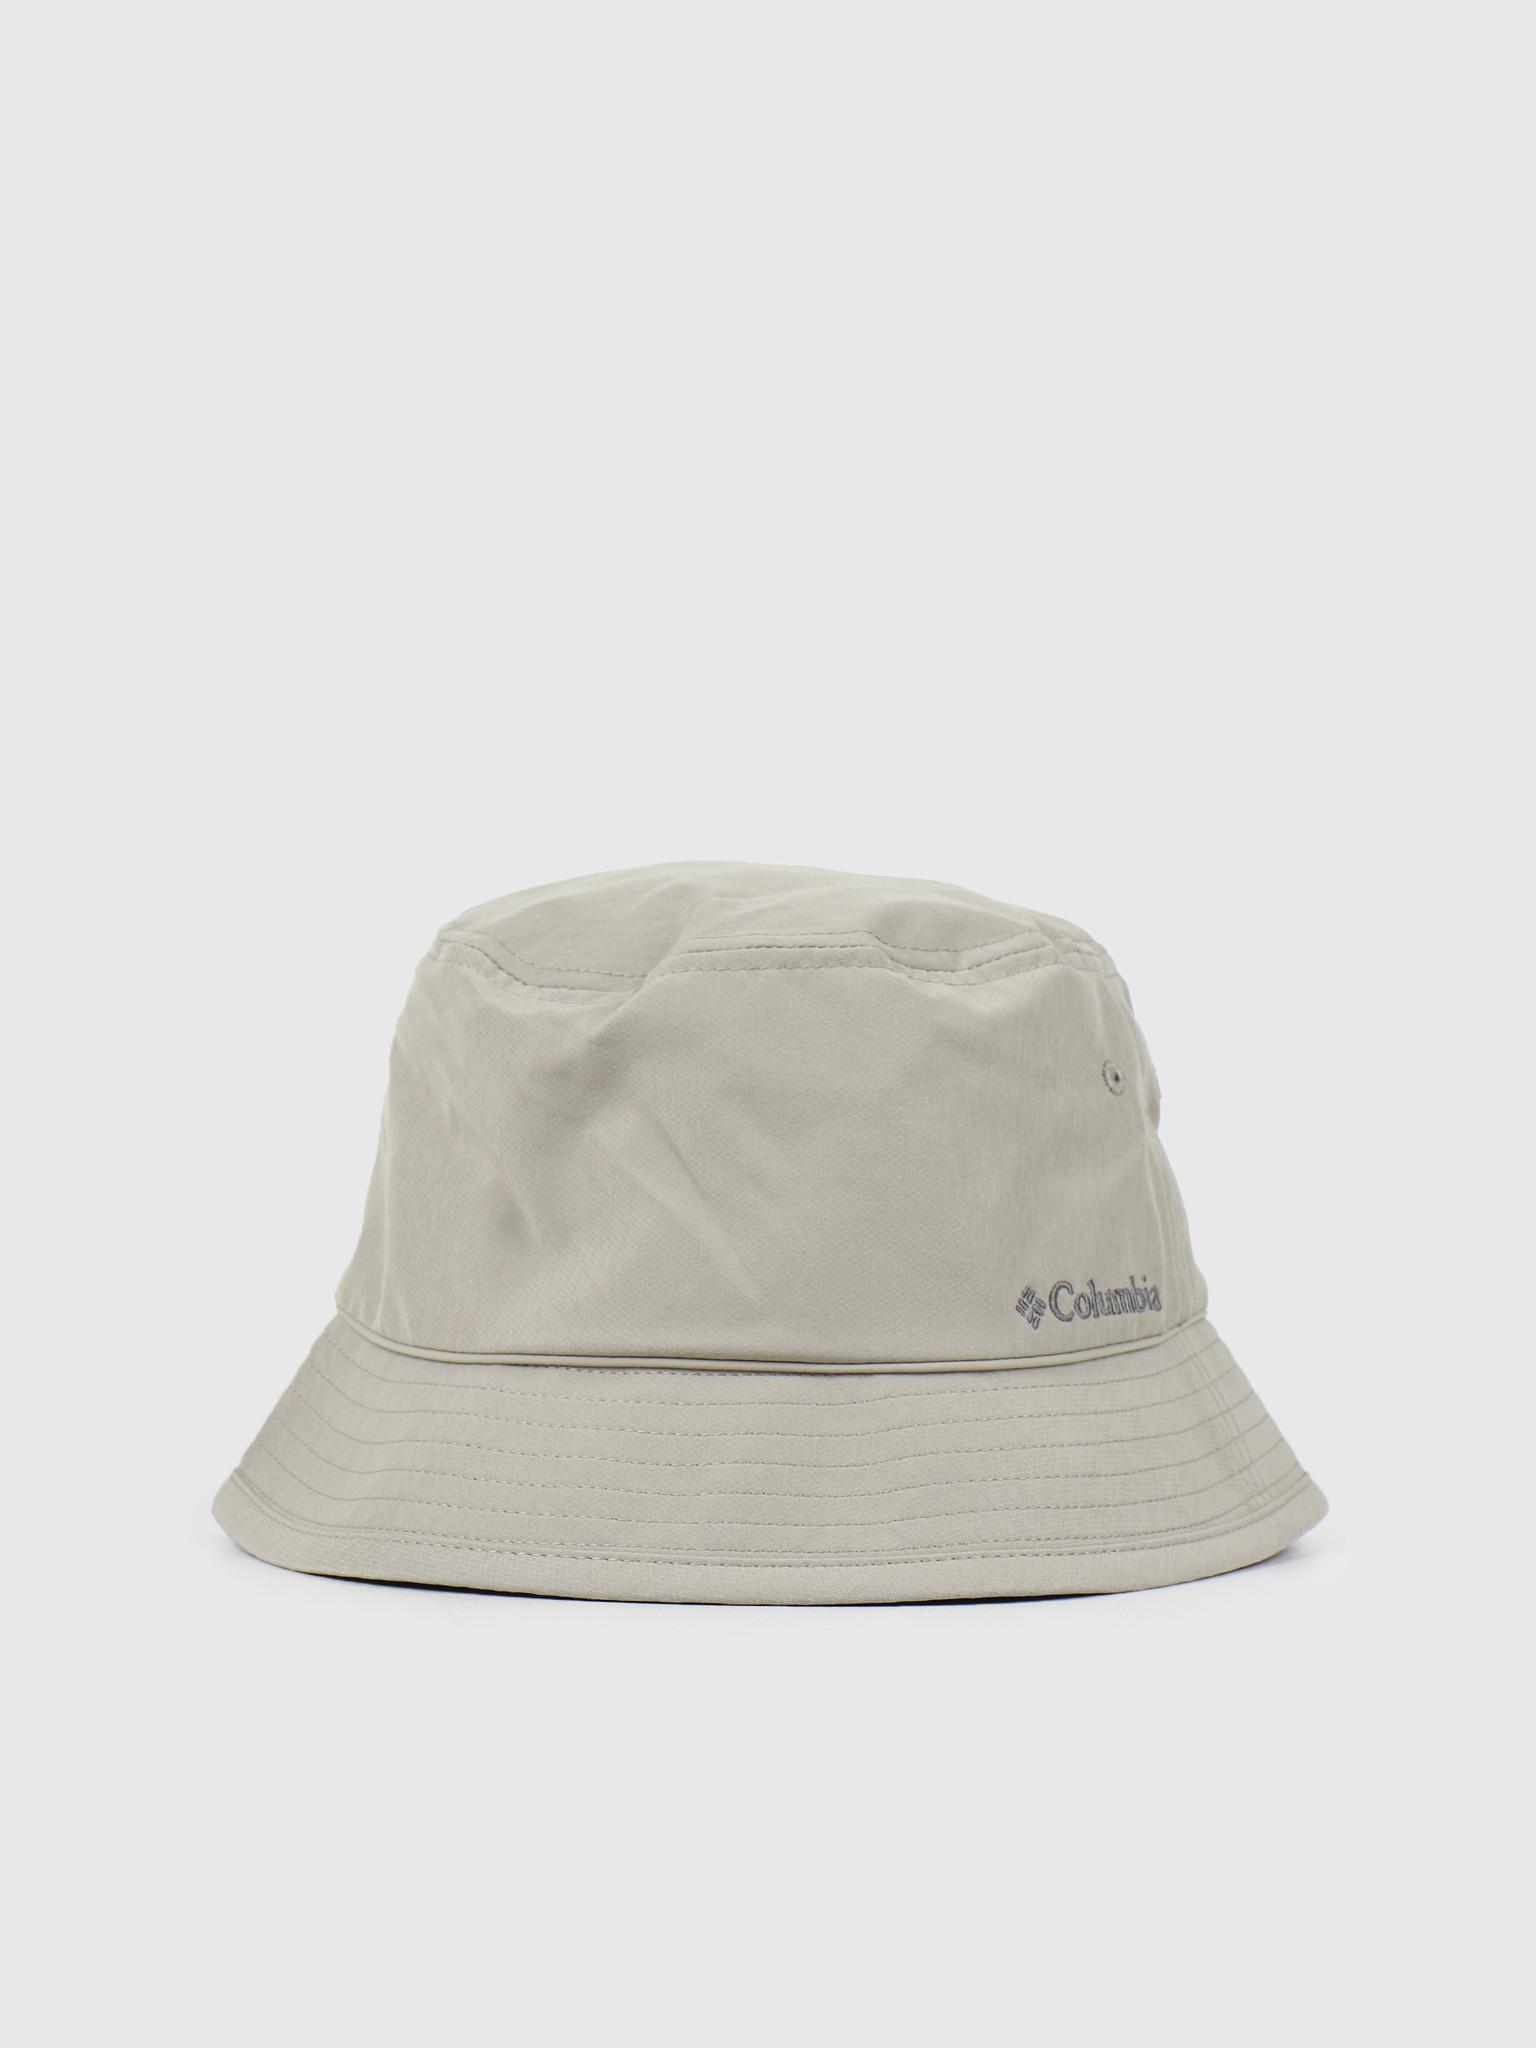 Columbia Columbia Pine Mountain Bucket Hat Tusk 1714881221